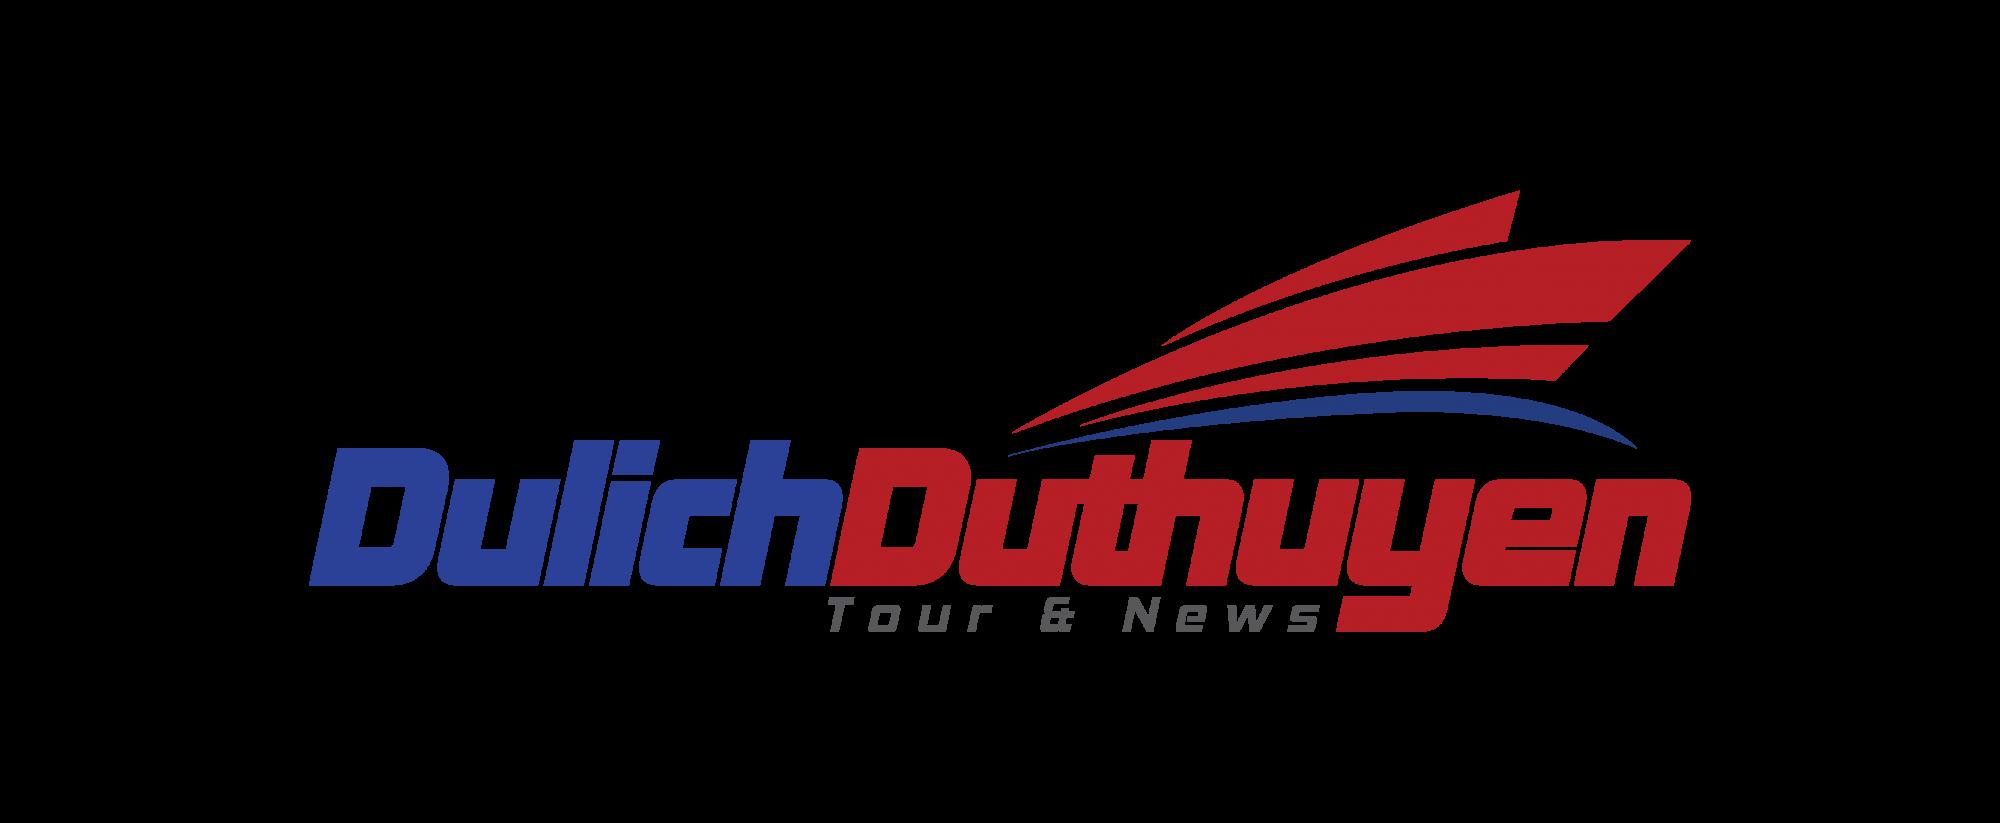 Khách sạn: Tạp chí, tin tức, blog, cẩm nang, kinh nghiệm, sổ tay về du lịch du thuyền Việt Nam& Nước ngoài